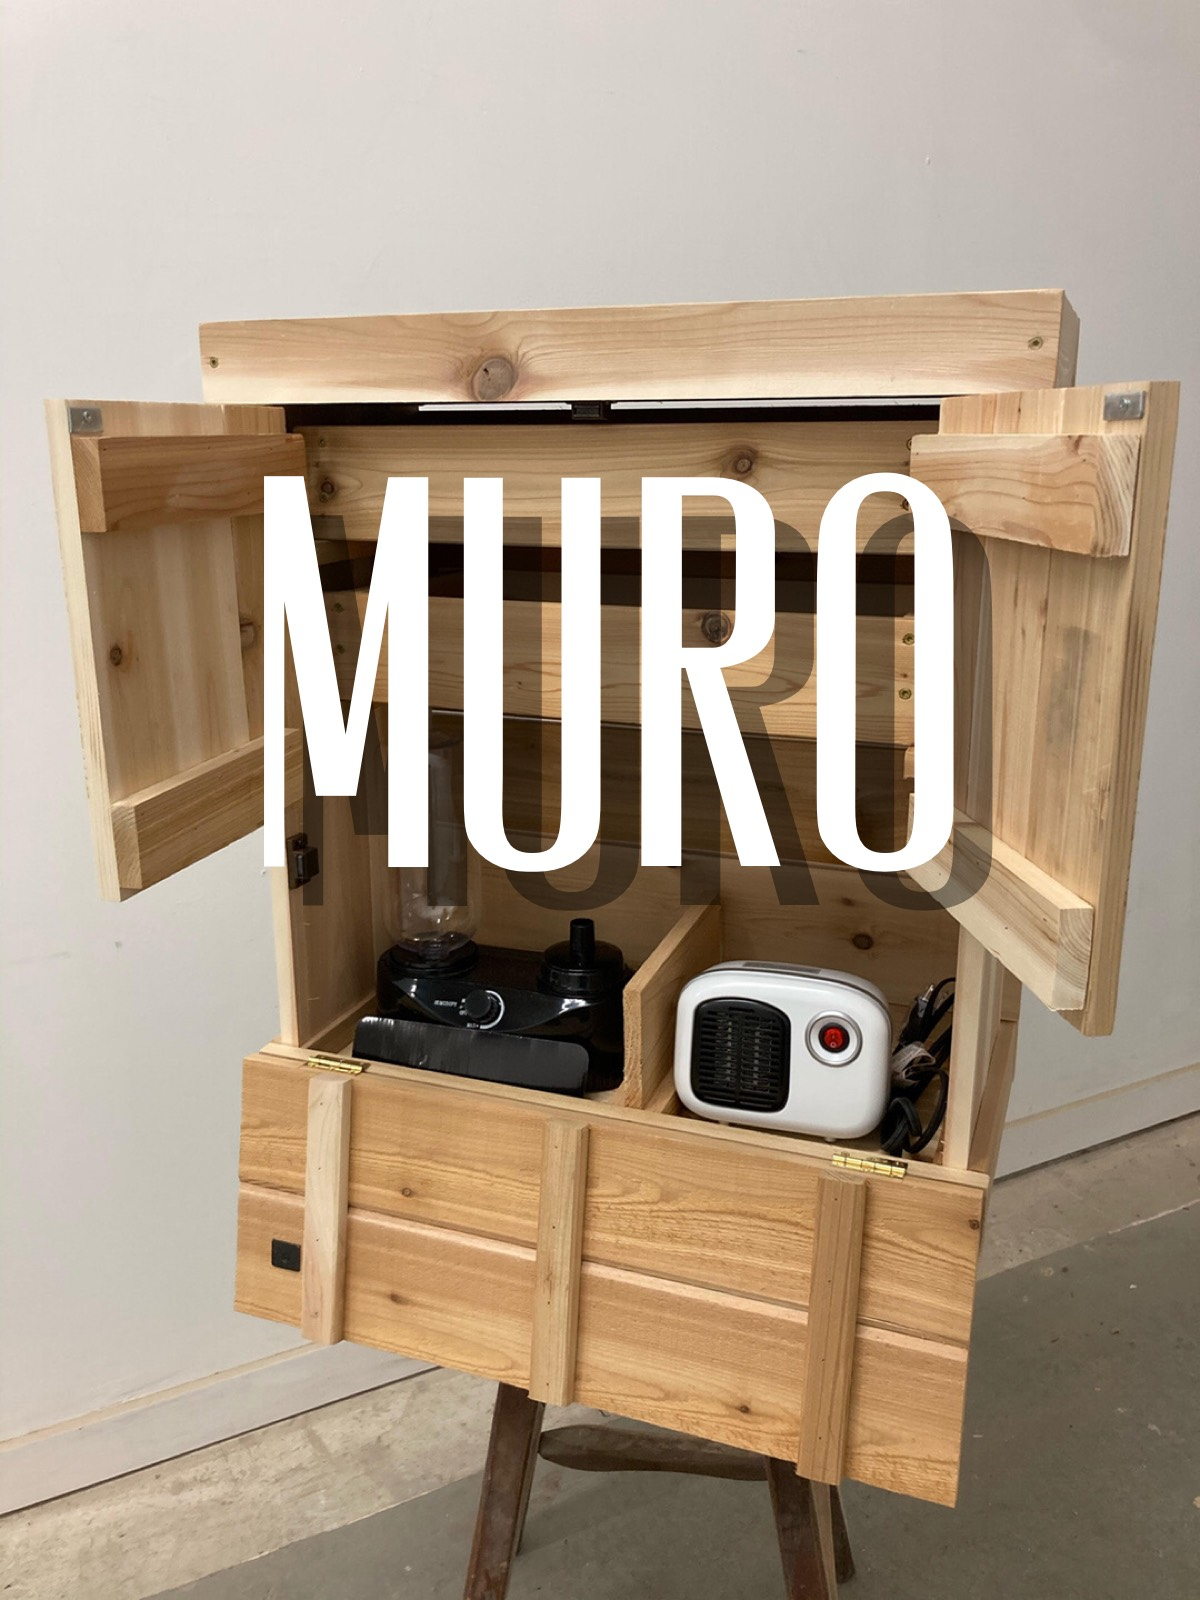 Muro cabinet with doors open